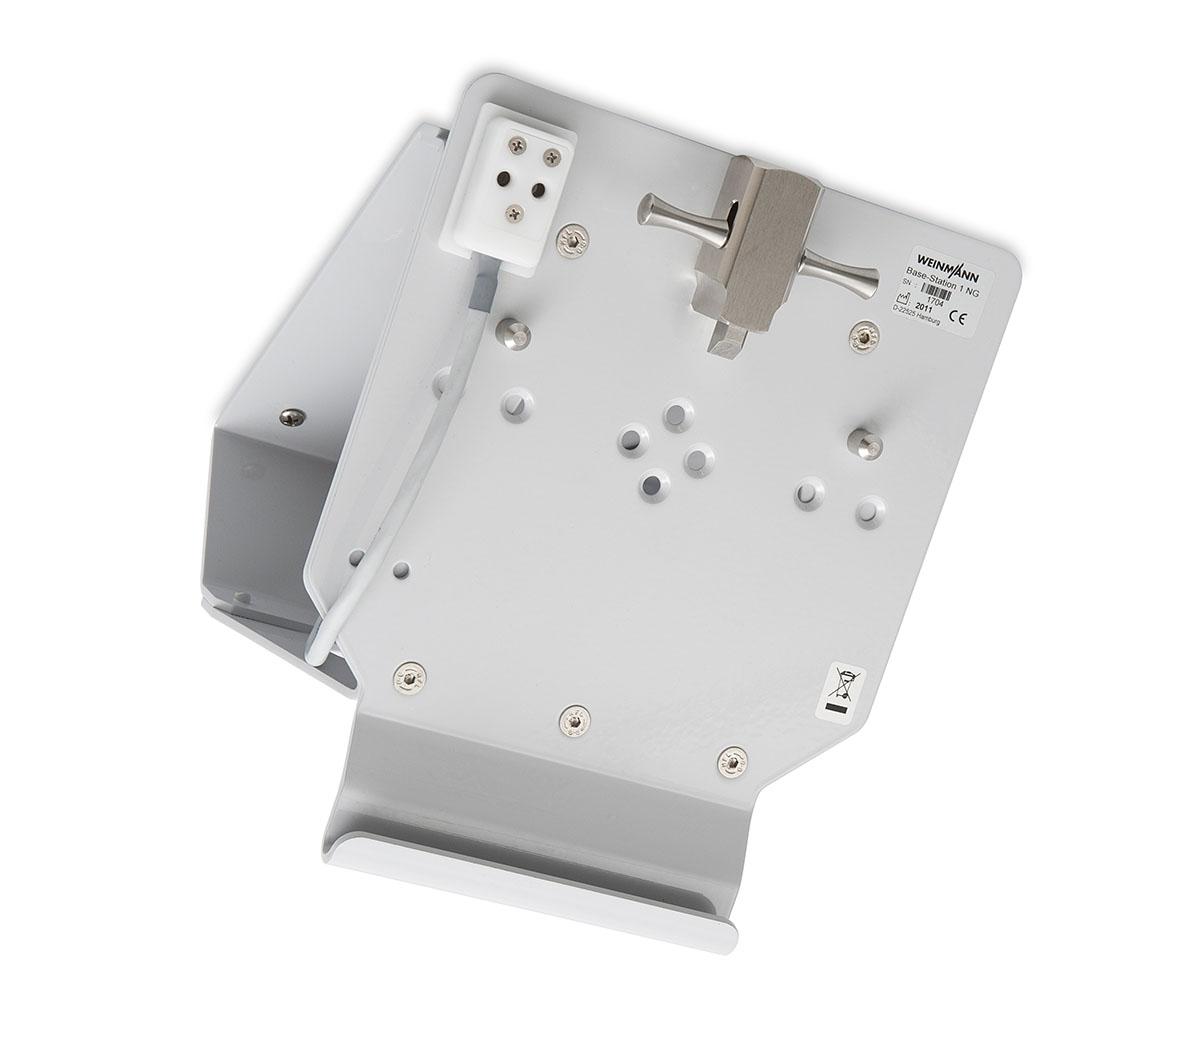 BASE-STATION 1 NG Deckenhalterung inkl. 45° Winkel zur Montage mit Ladeschnittstelle und 12 V Stecker